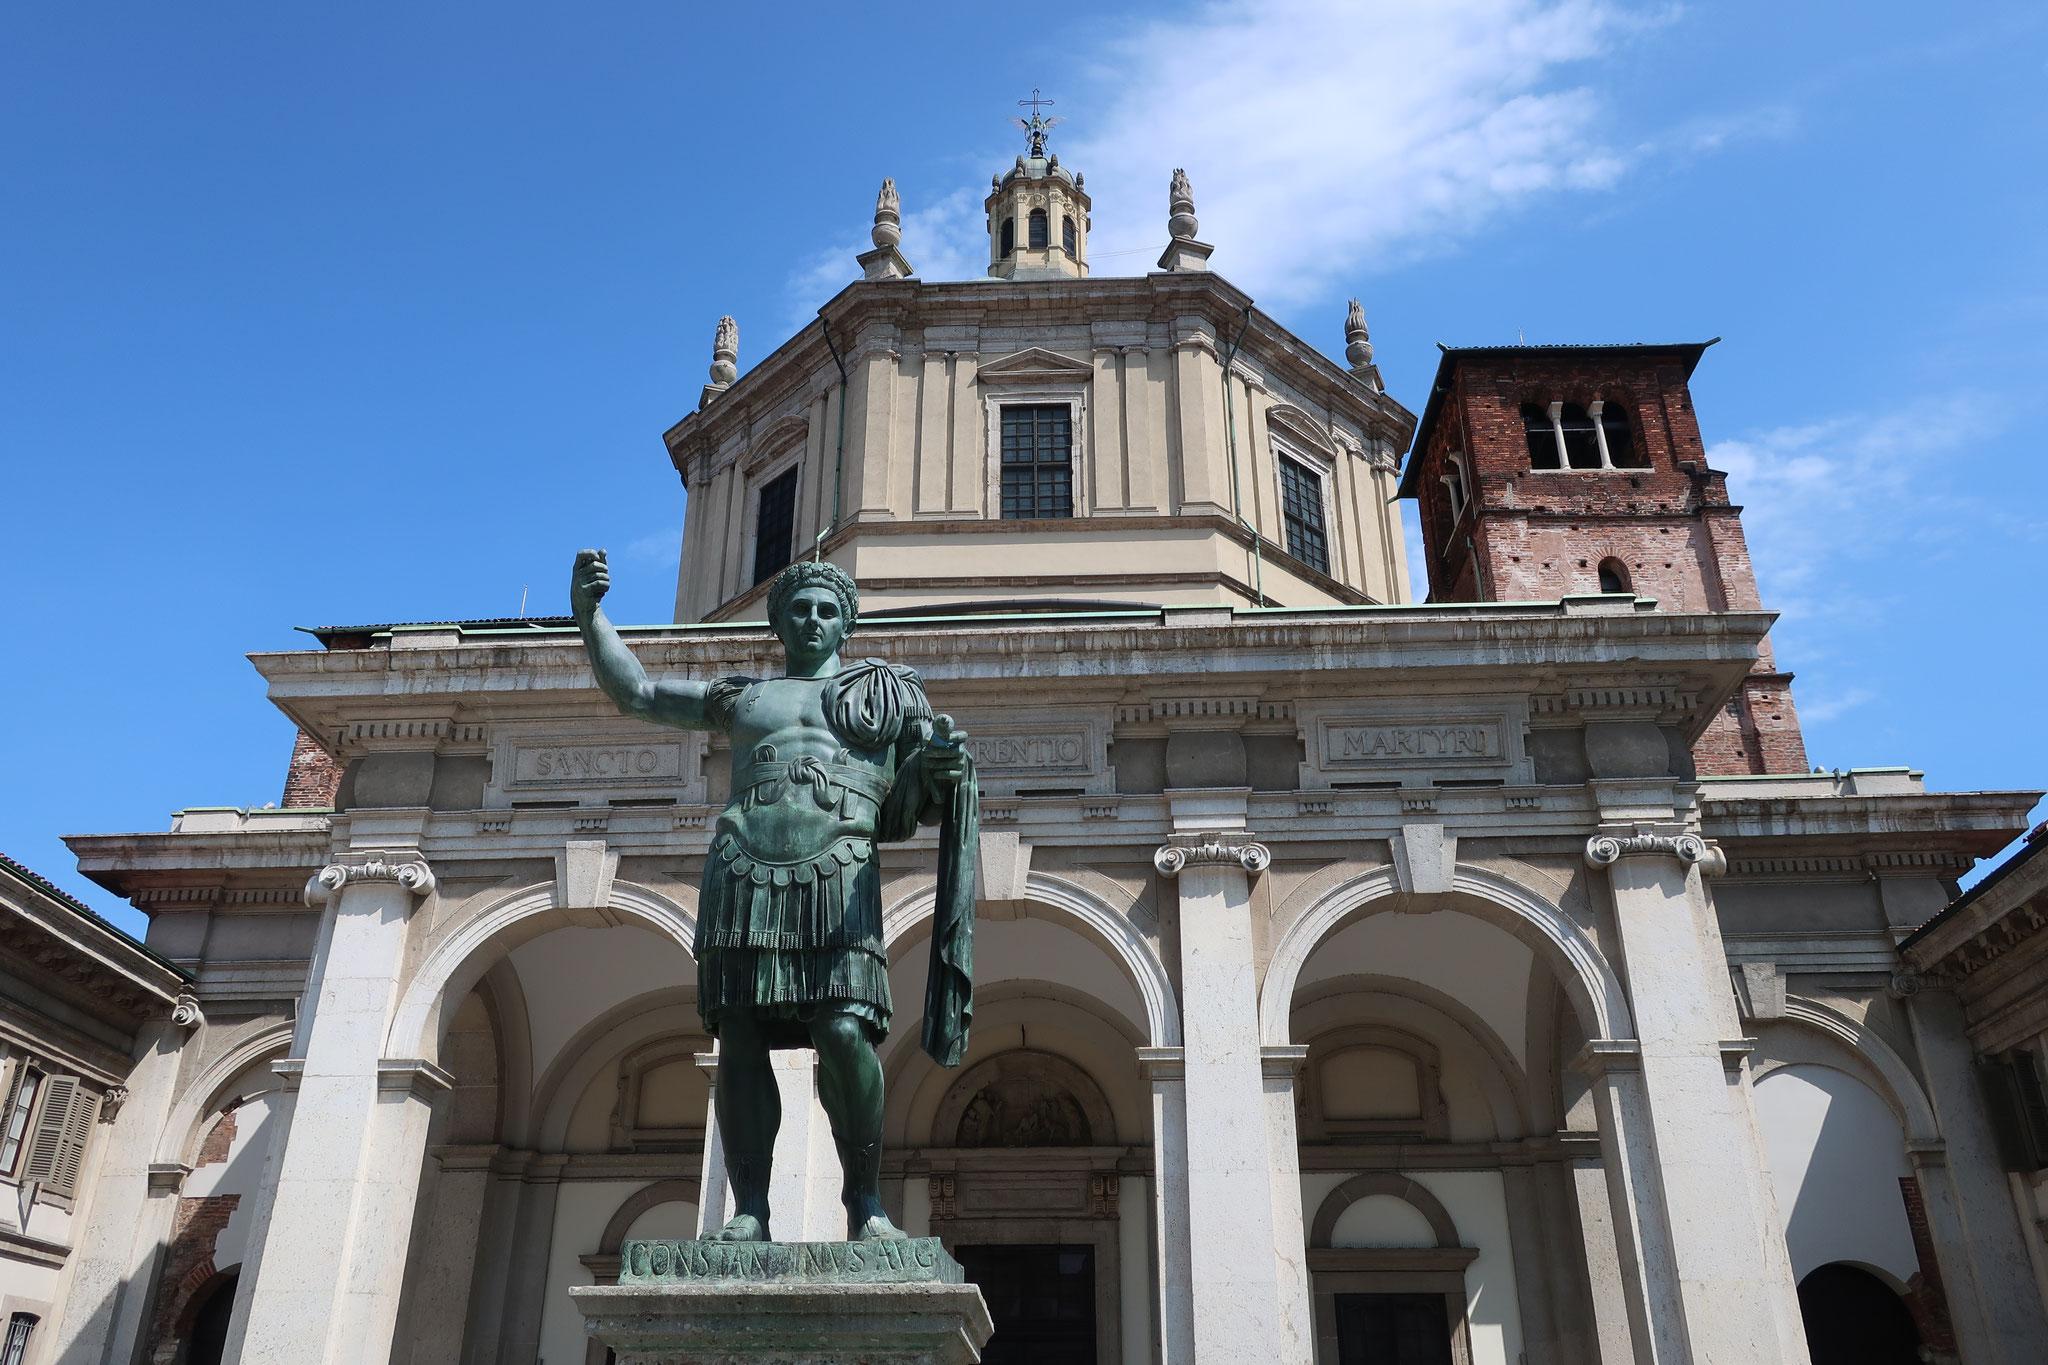 サン・ロレンツォ・マッジョーレ教会の前に立つコンスタンティヌス大帝。316年、 「ミラノ勅令」を発してキリスト教を公認しました。